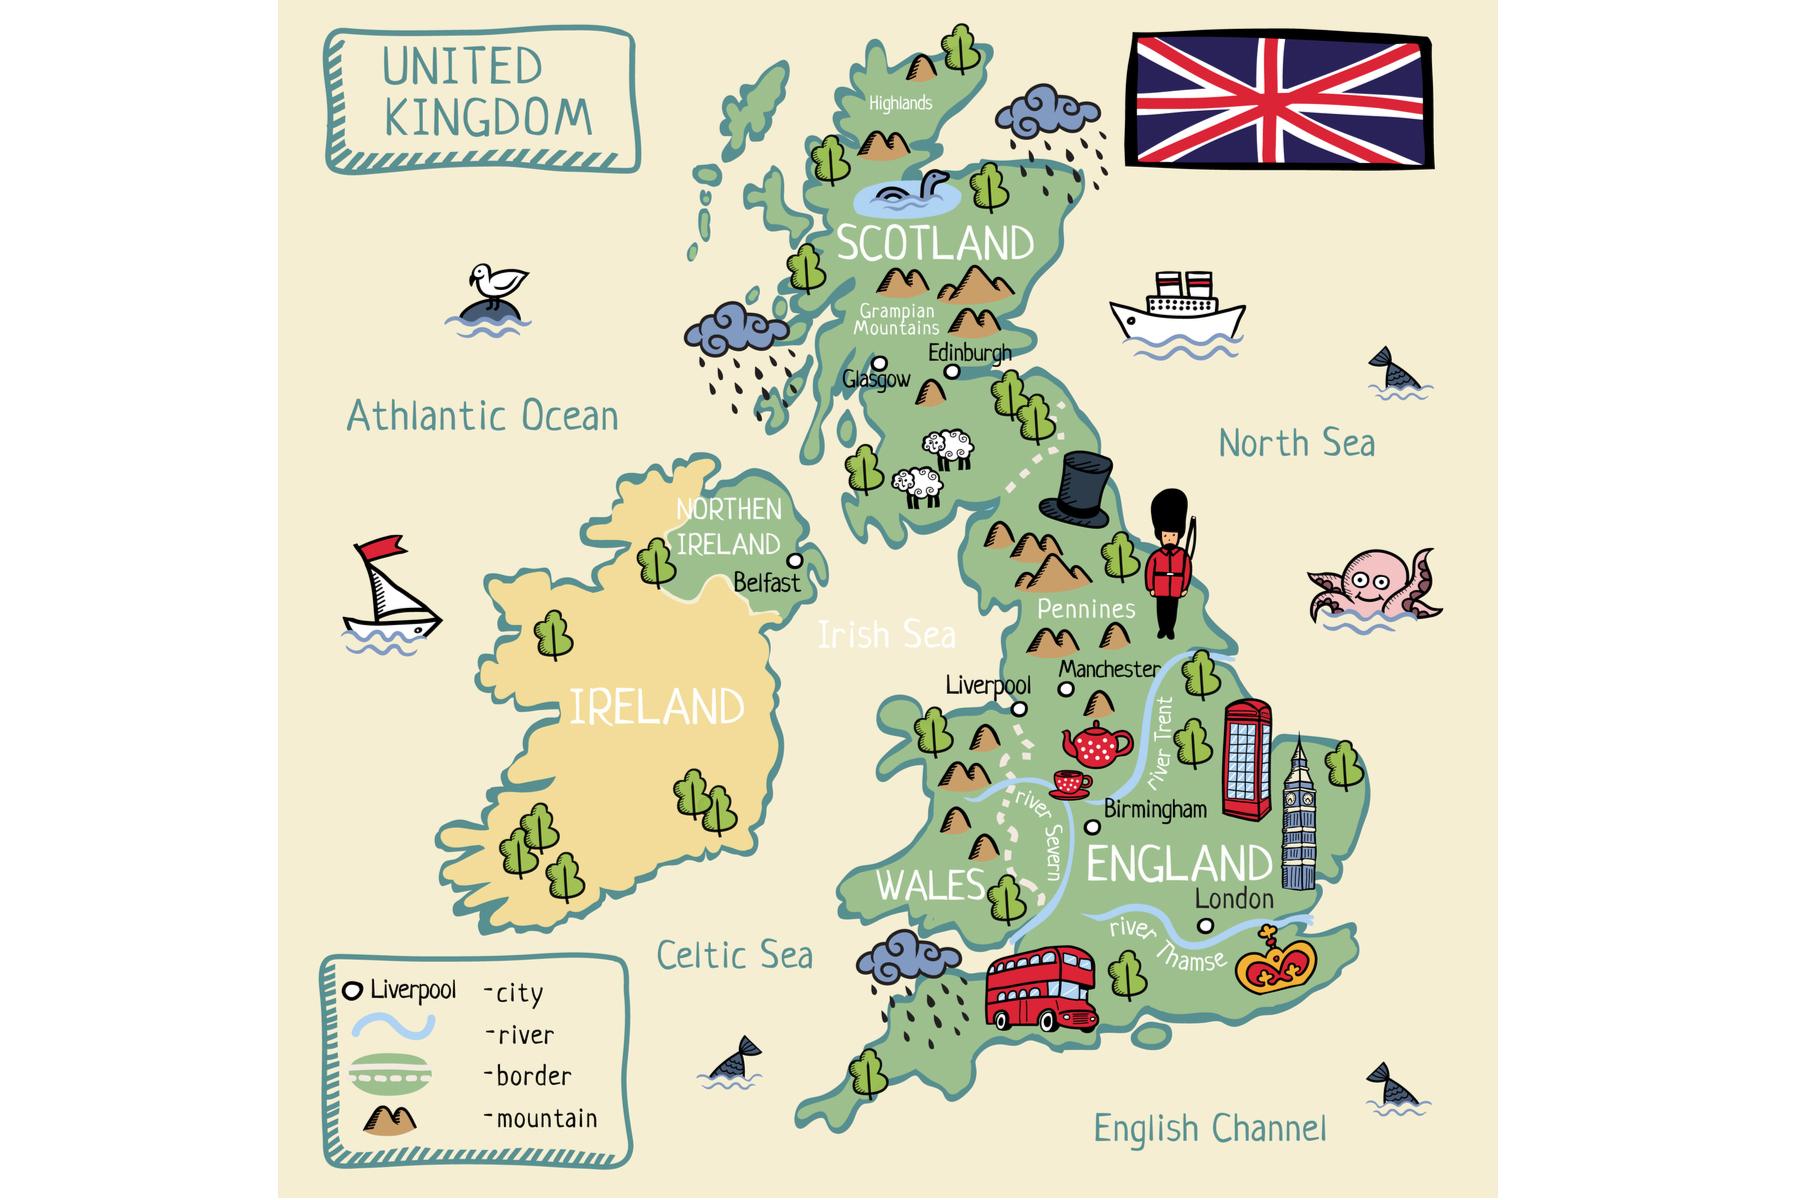 UK language: map of the UK